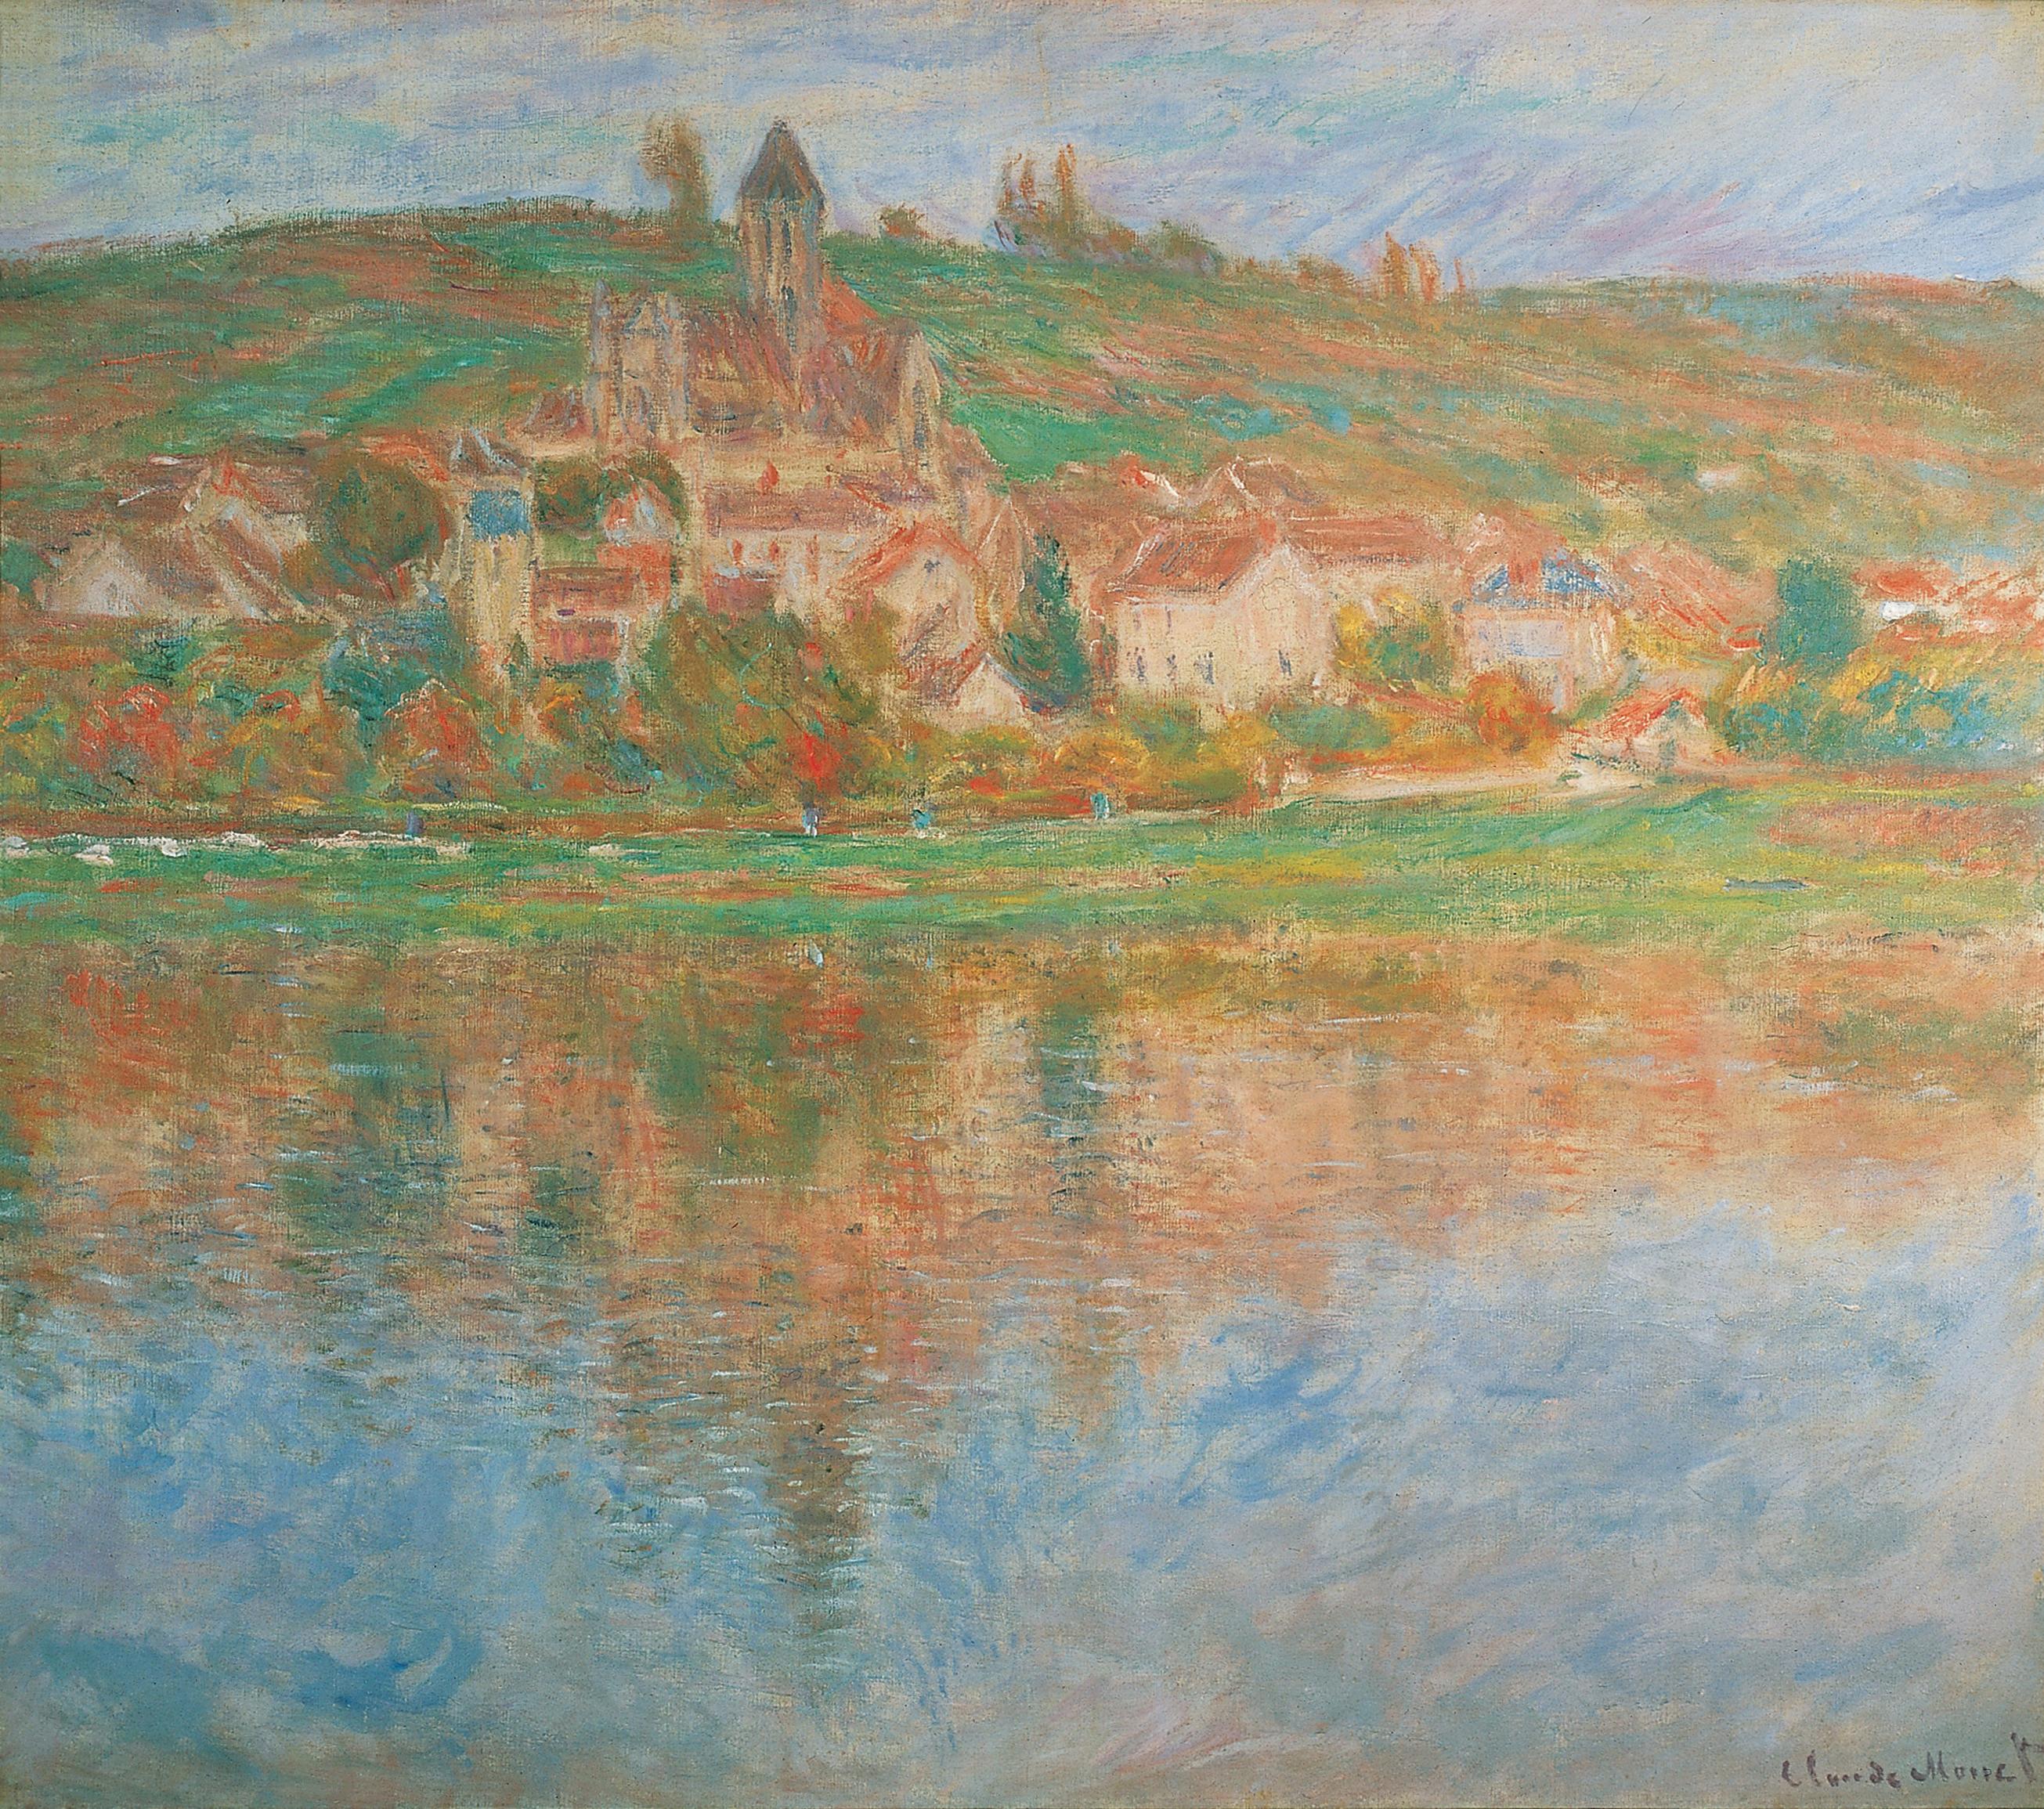 Artworks by Oscar Claude Monet (4 часть) (336 работ) » Страница 5 »  Картины, художники, фотографы на Nevsepic